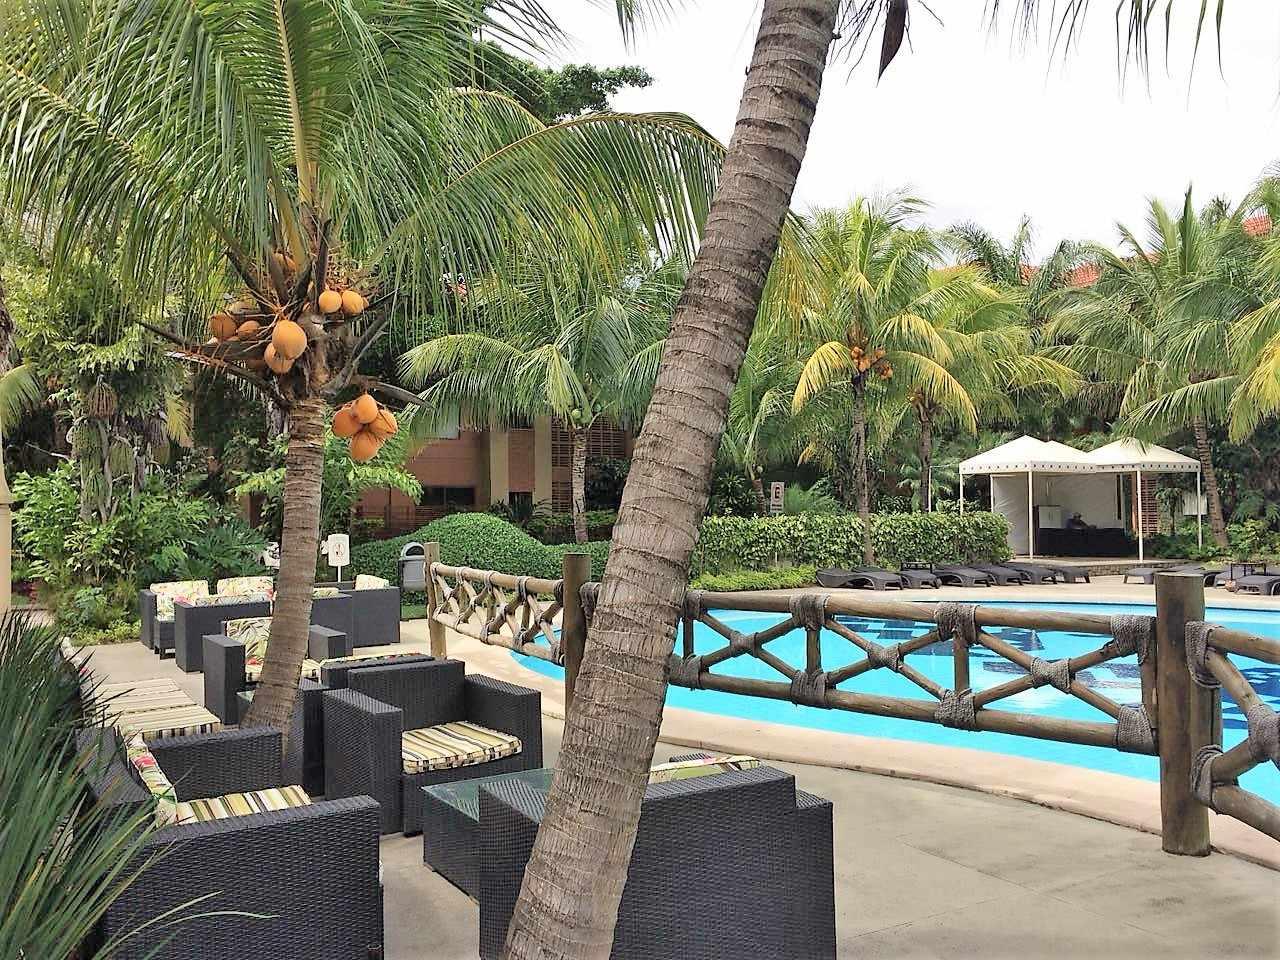 Departamento en Alquiler Buganvillas Suits & Spa - Roca y Coronado  Foto 7